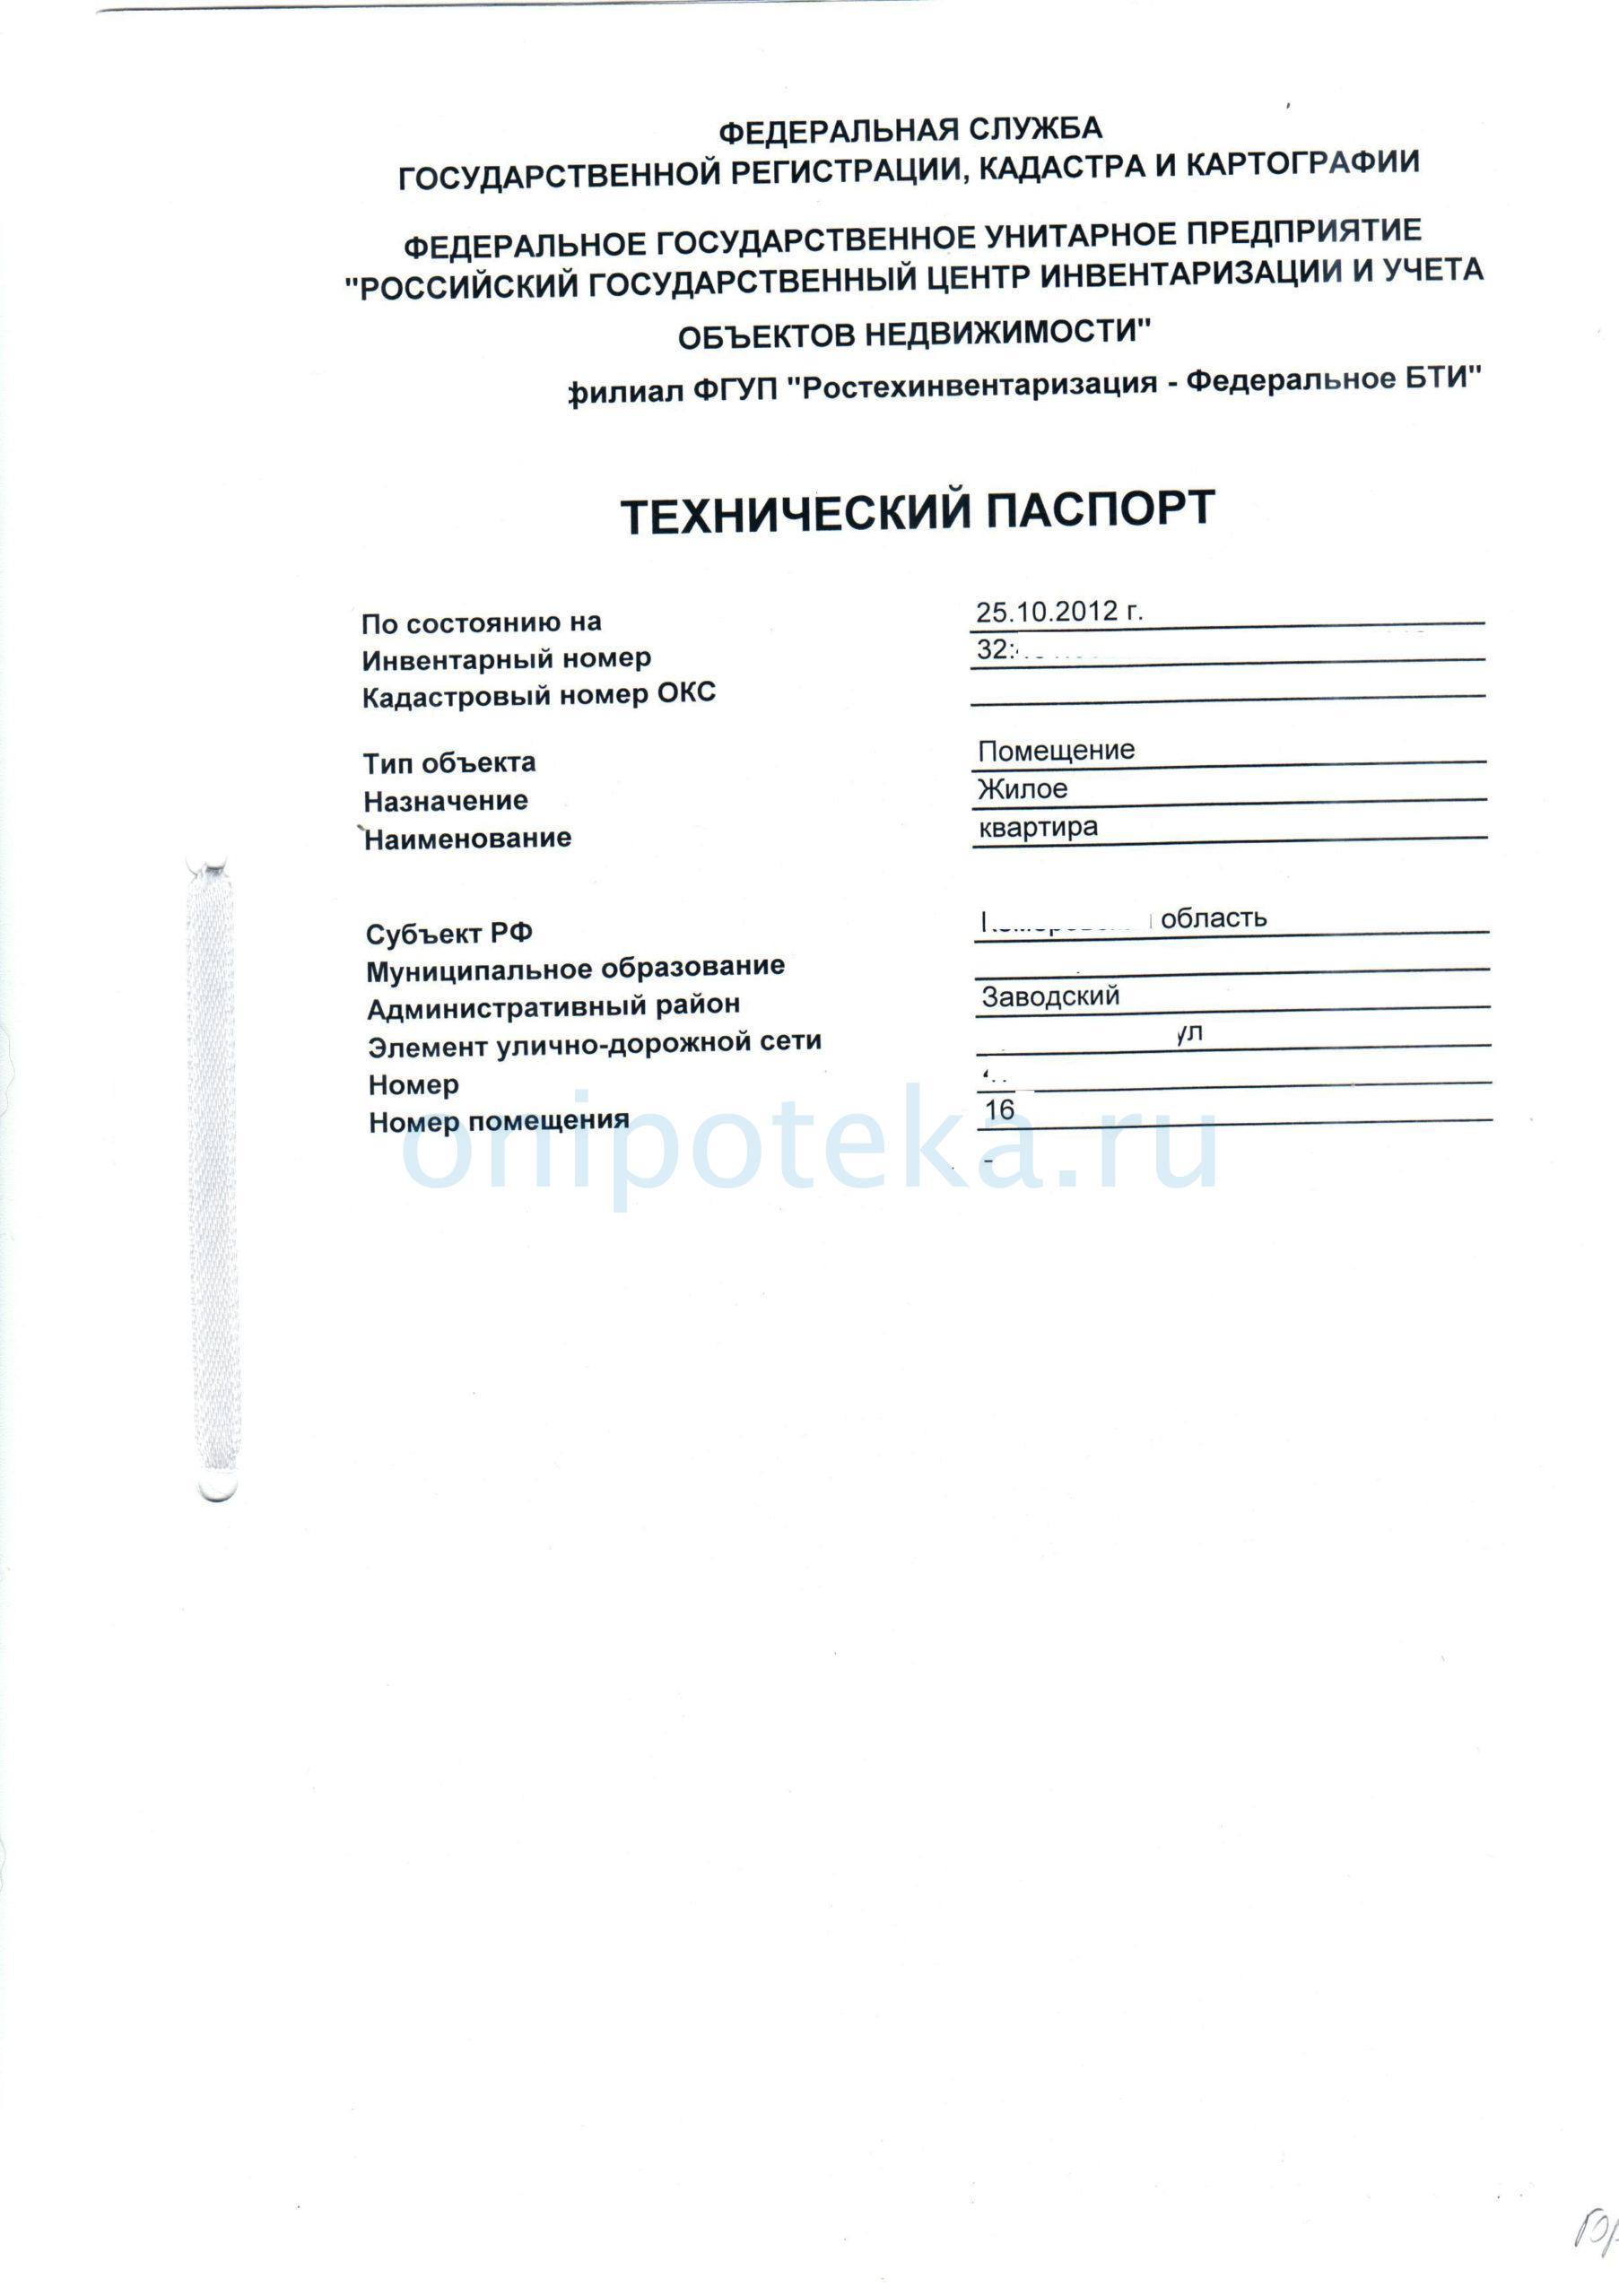 Так выглядит технический паспорт для ипотеки -1